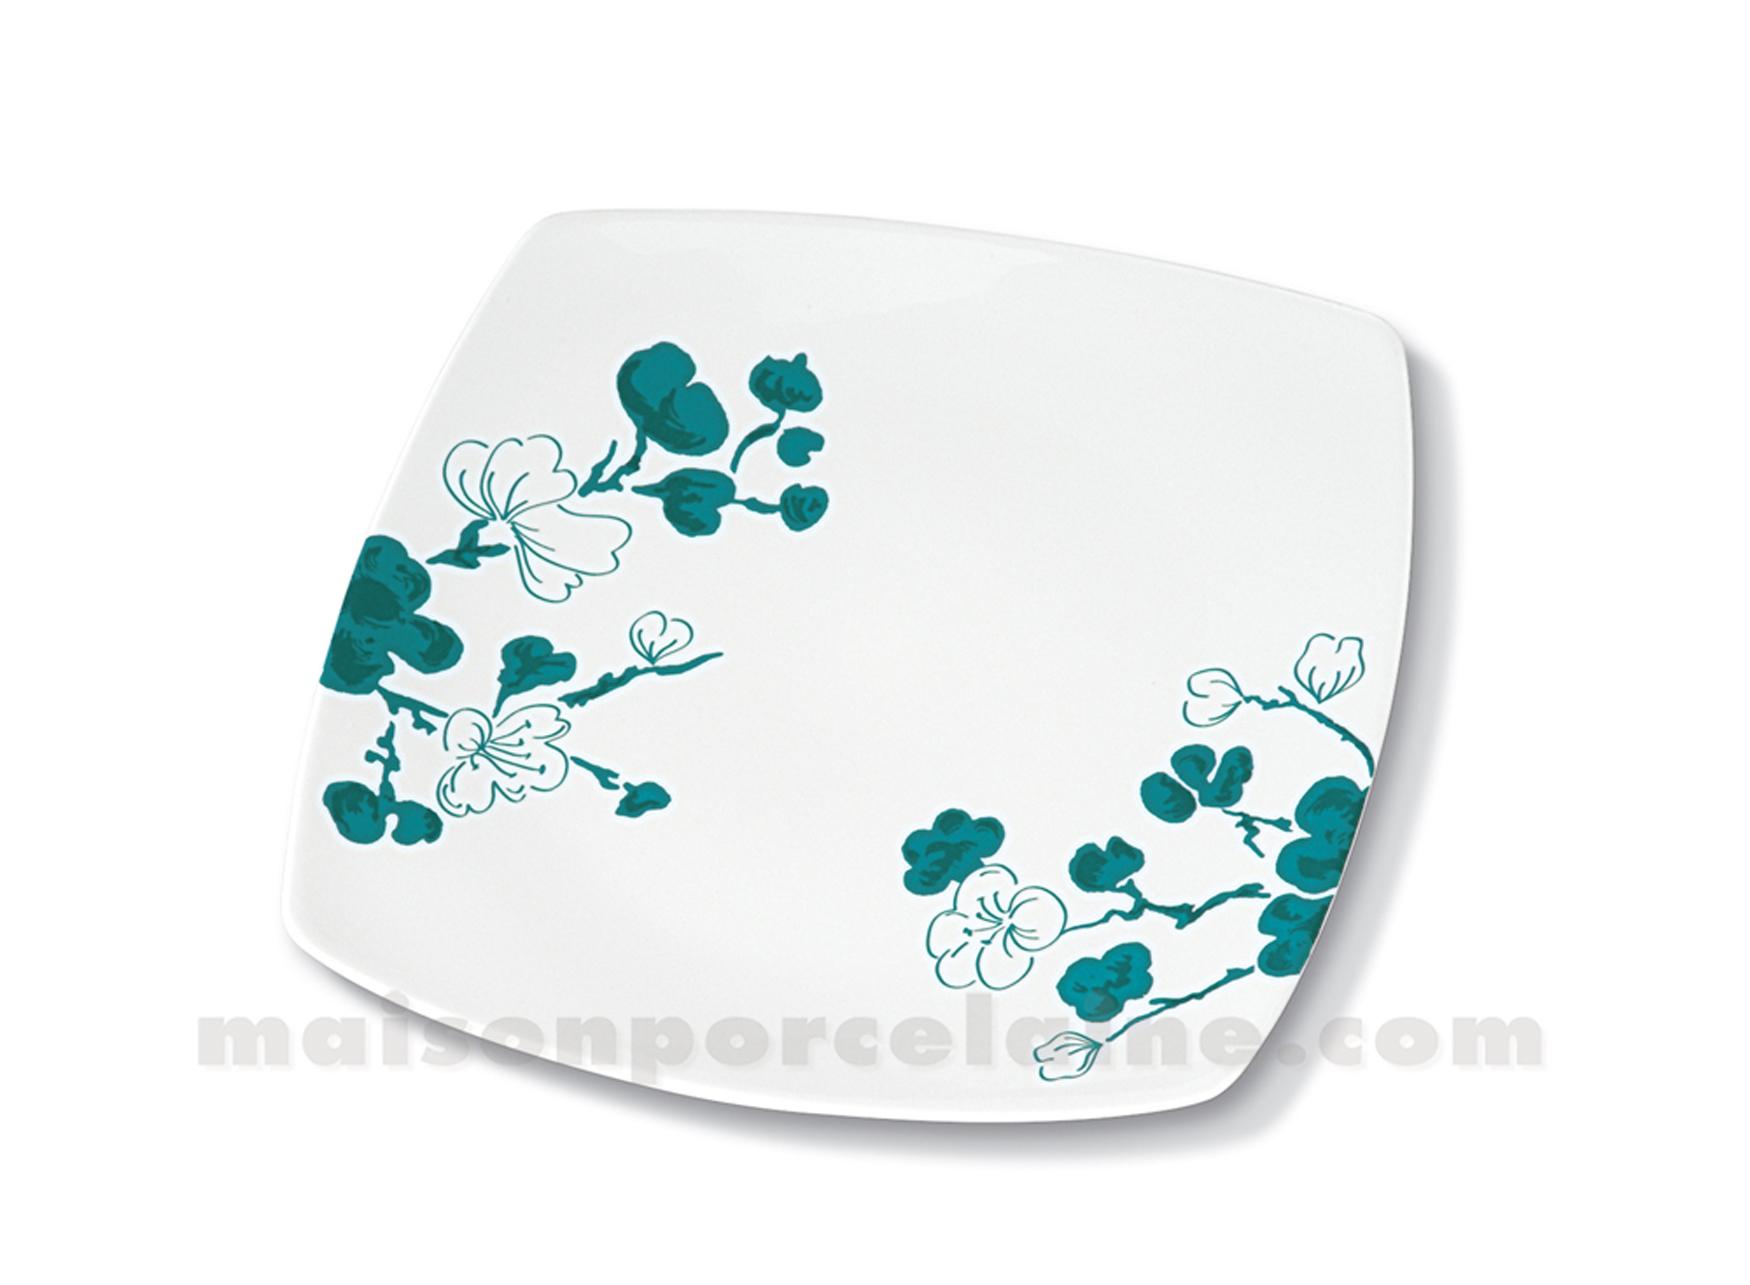 assiette carree plate sahara 25x25 maison de la porcelaine. Black Bedroom Furniture Sets. Home Design Ideas